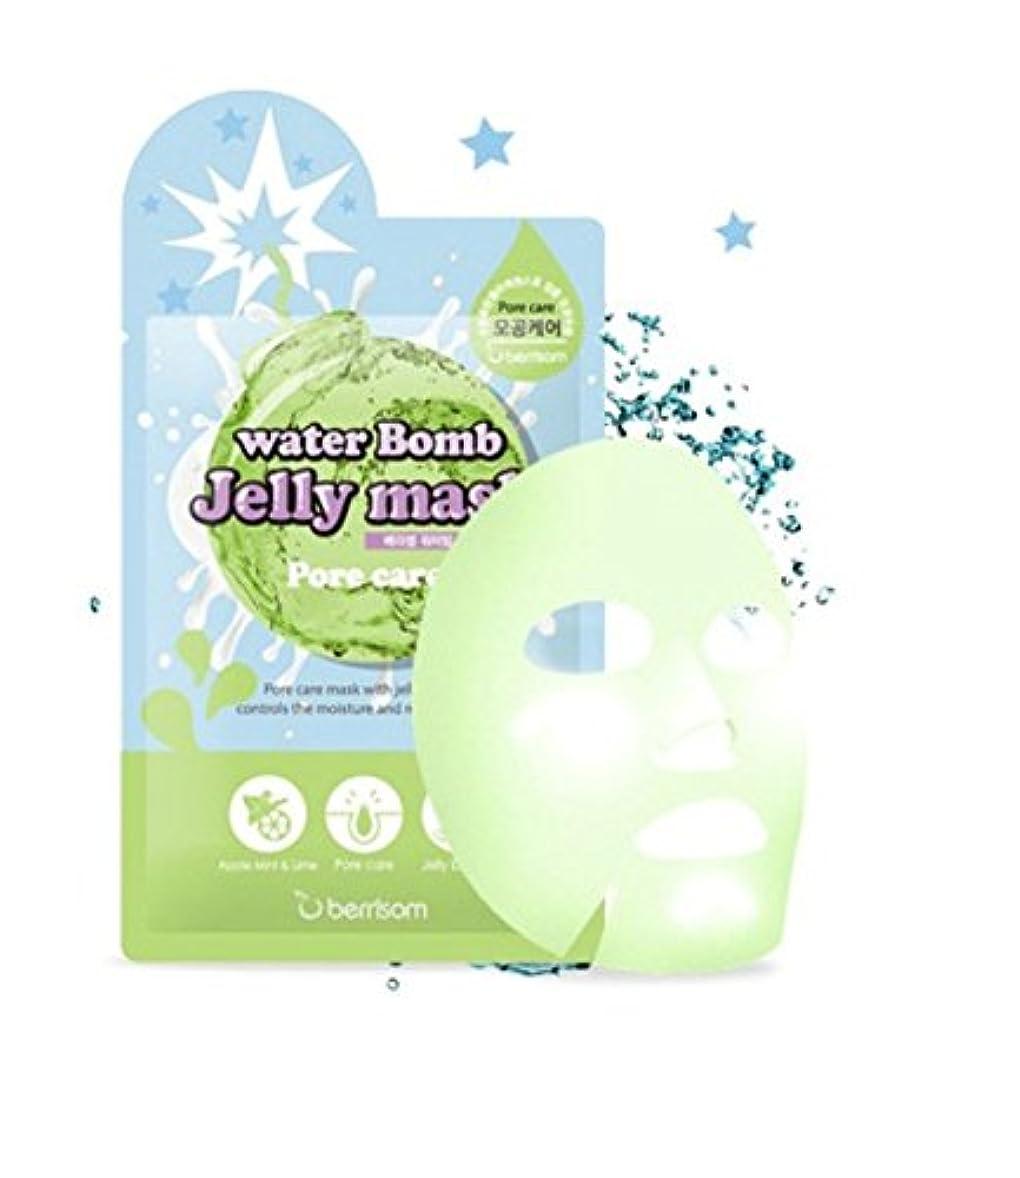 大破やる気をつけてベリサム(berrisom) ウォーター爆弾ジェリーマスクパック Water Bomb Jelly Mask #毛穴ケアー